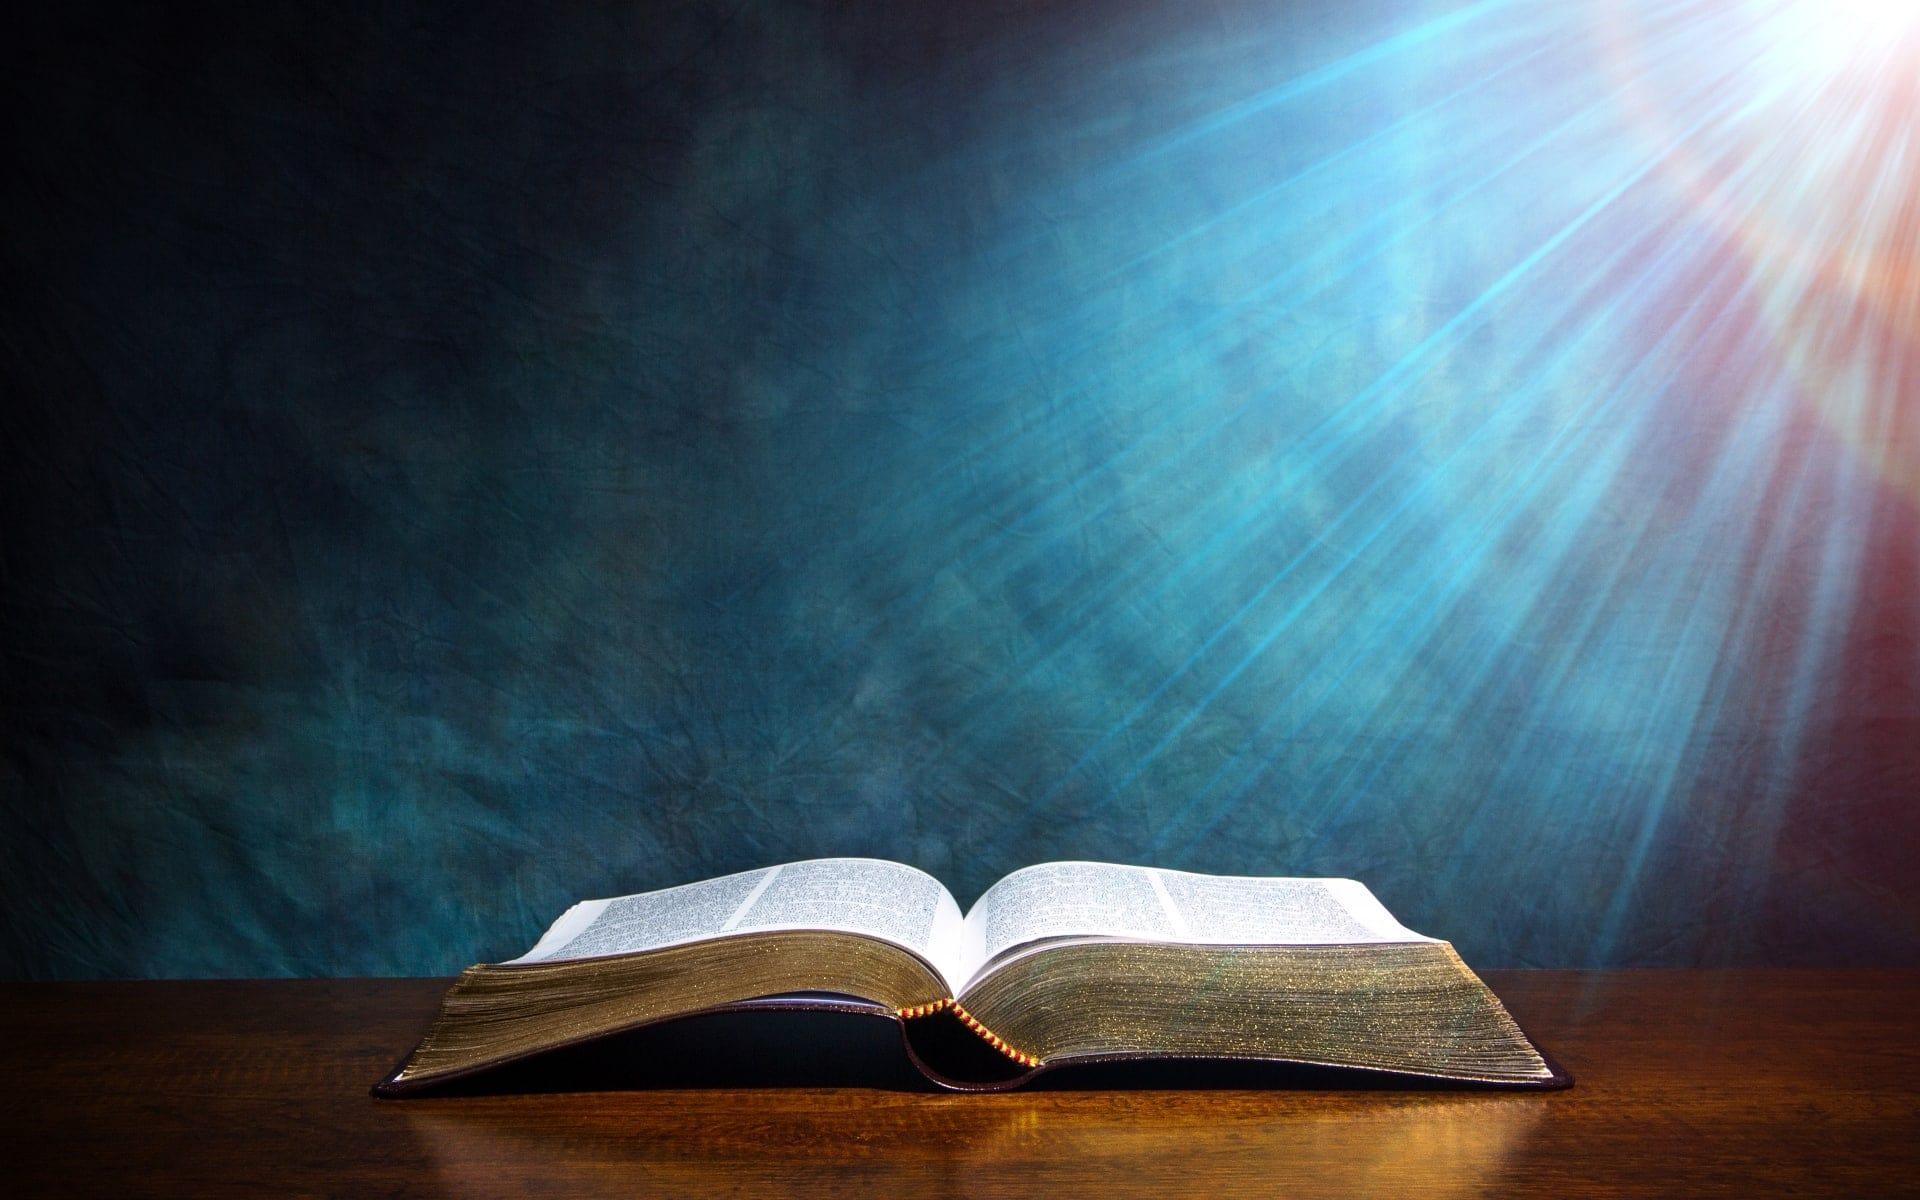 Basis of Faith